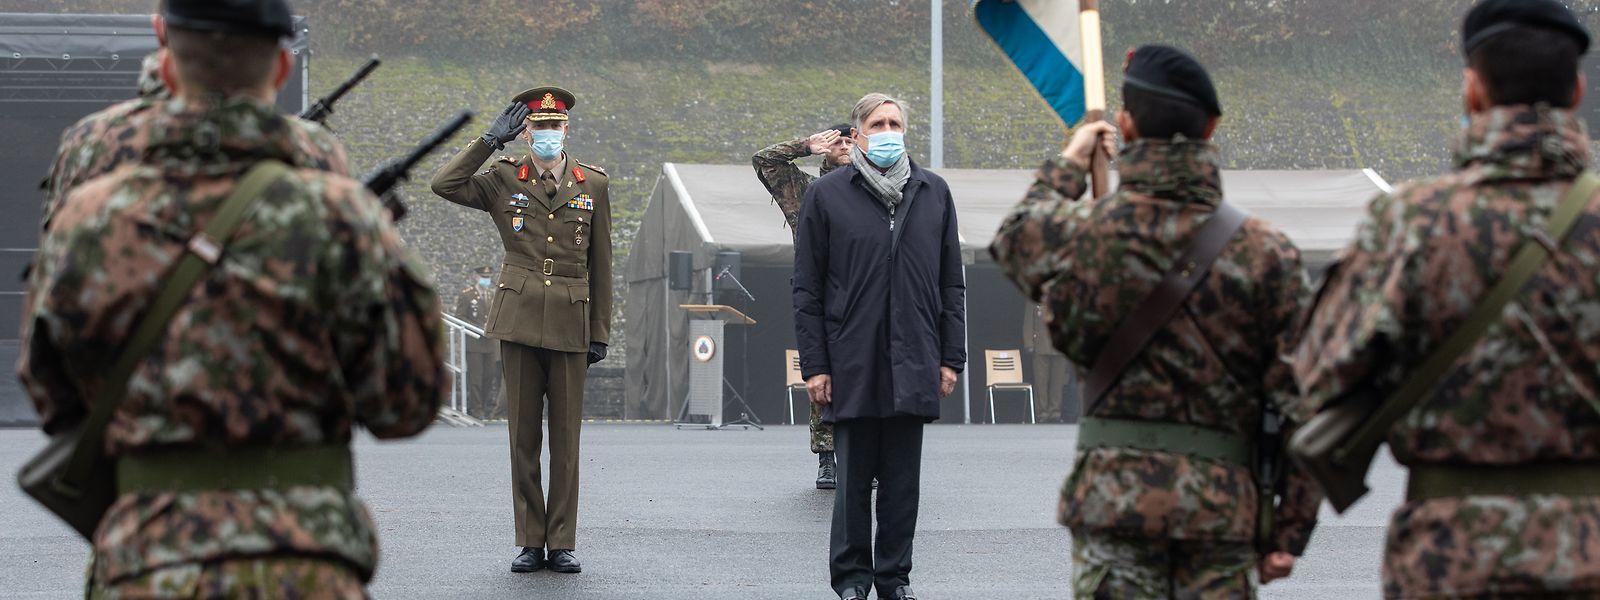 Verteidigungsminister François Bausch überbrachte den Angehörigen der Luxemburger Armee am Mittwoch den Dank der Regierung für ihren exemplarischen Einsatz während der Corona-Krise.